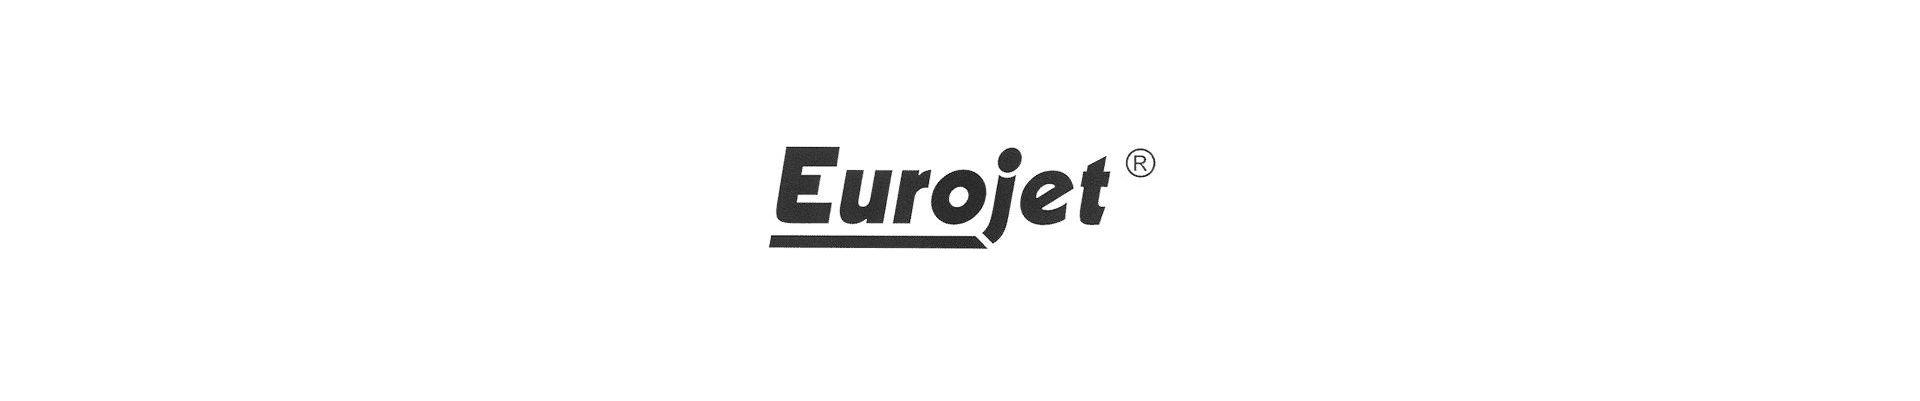 Magazin cu accesorii pentru fumatori Eurojet la un pret bun.Tutungerie